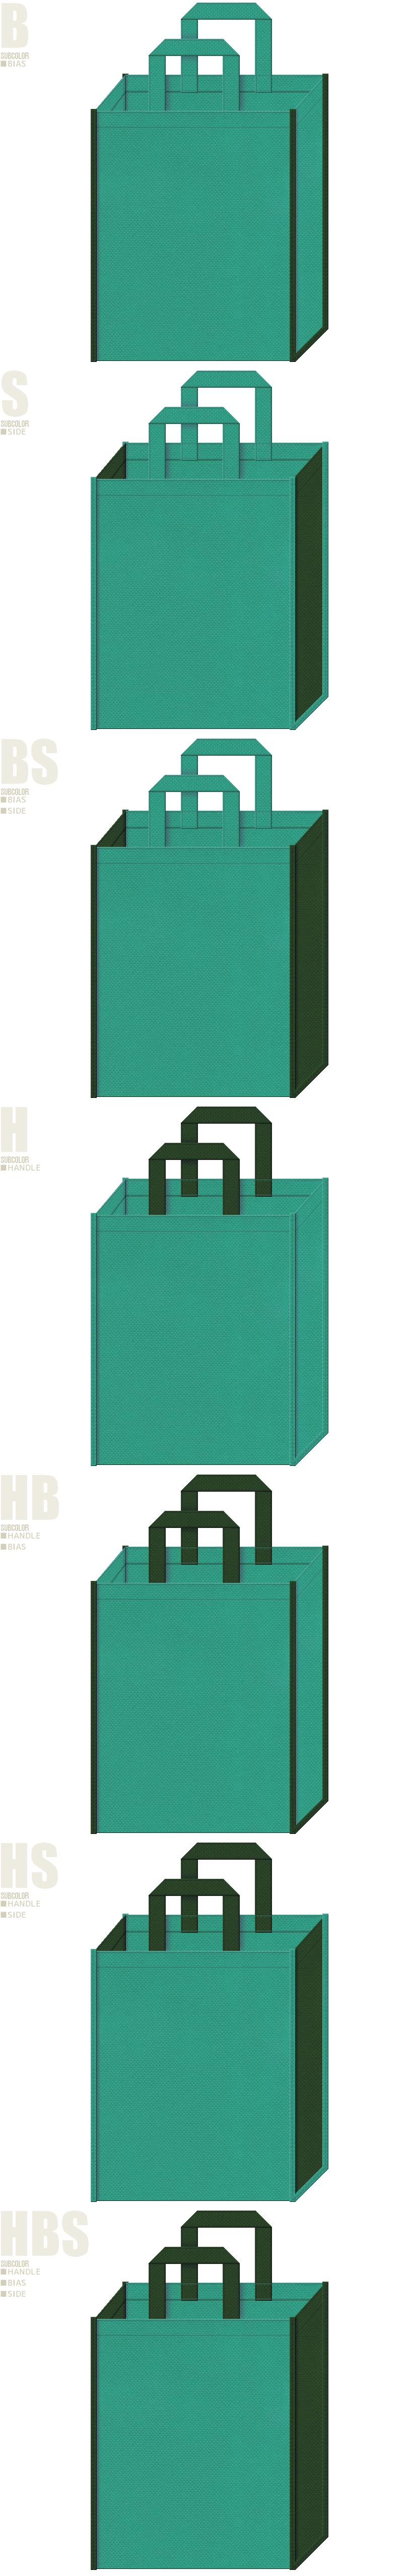 青緑色と濃緑色、7パターンの不織布トートバッグ配色デザイン例。盆栽・造園・園芸用品の展示会用バッグにお奨めです。